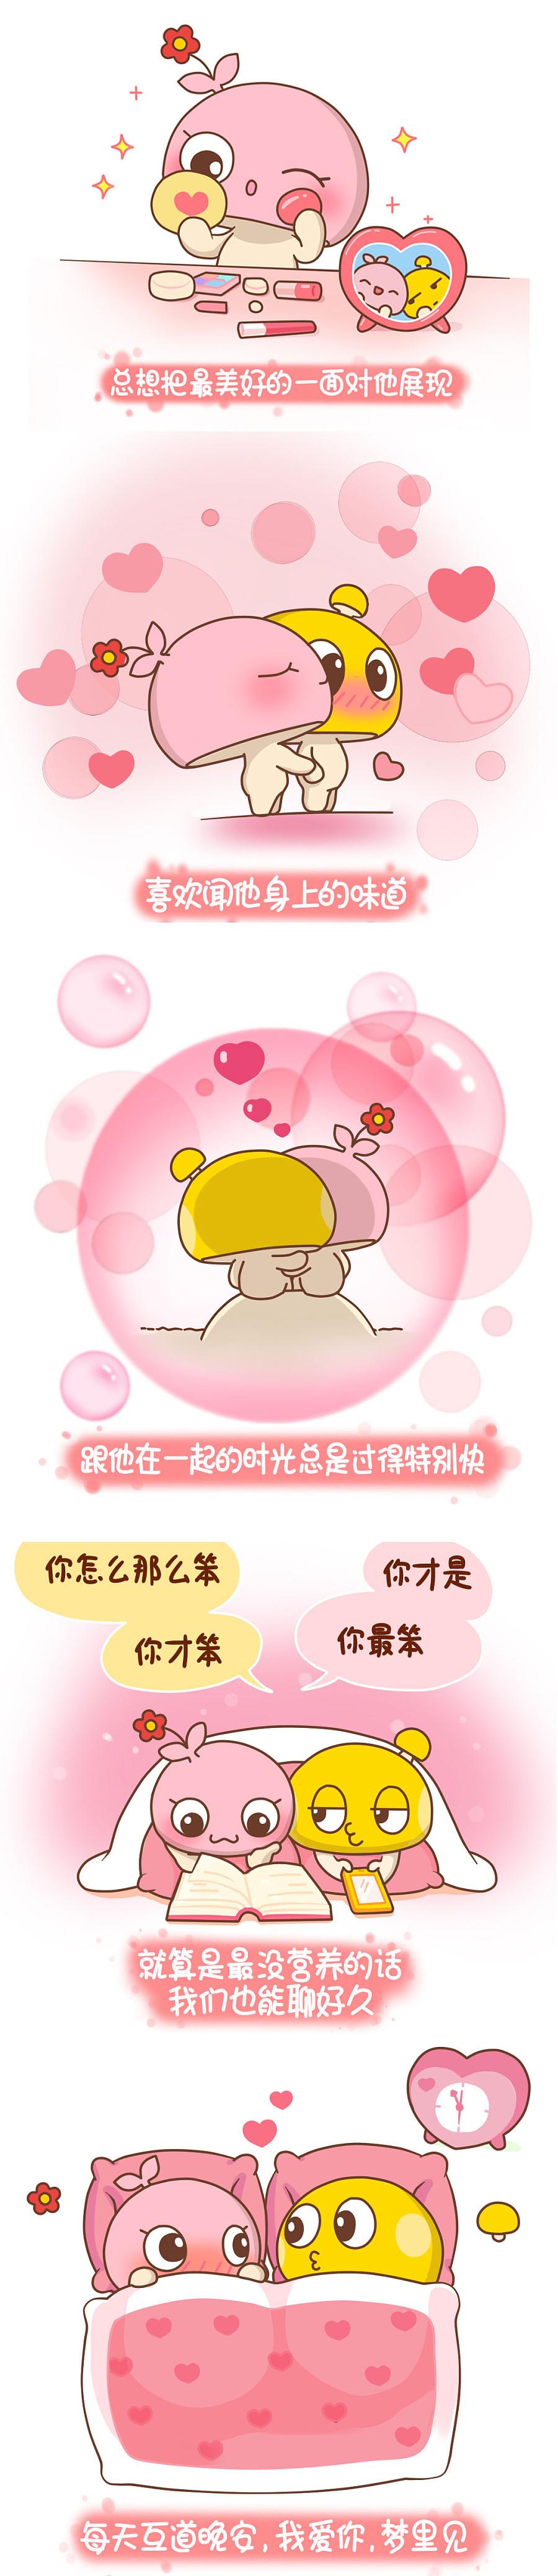 查看《蘑菇点点之爱的点点滴滴011~020》原图,原图尺寸:1080x4990